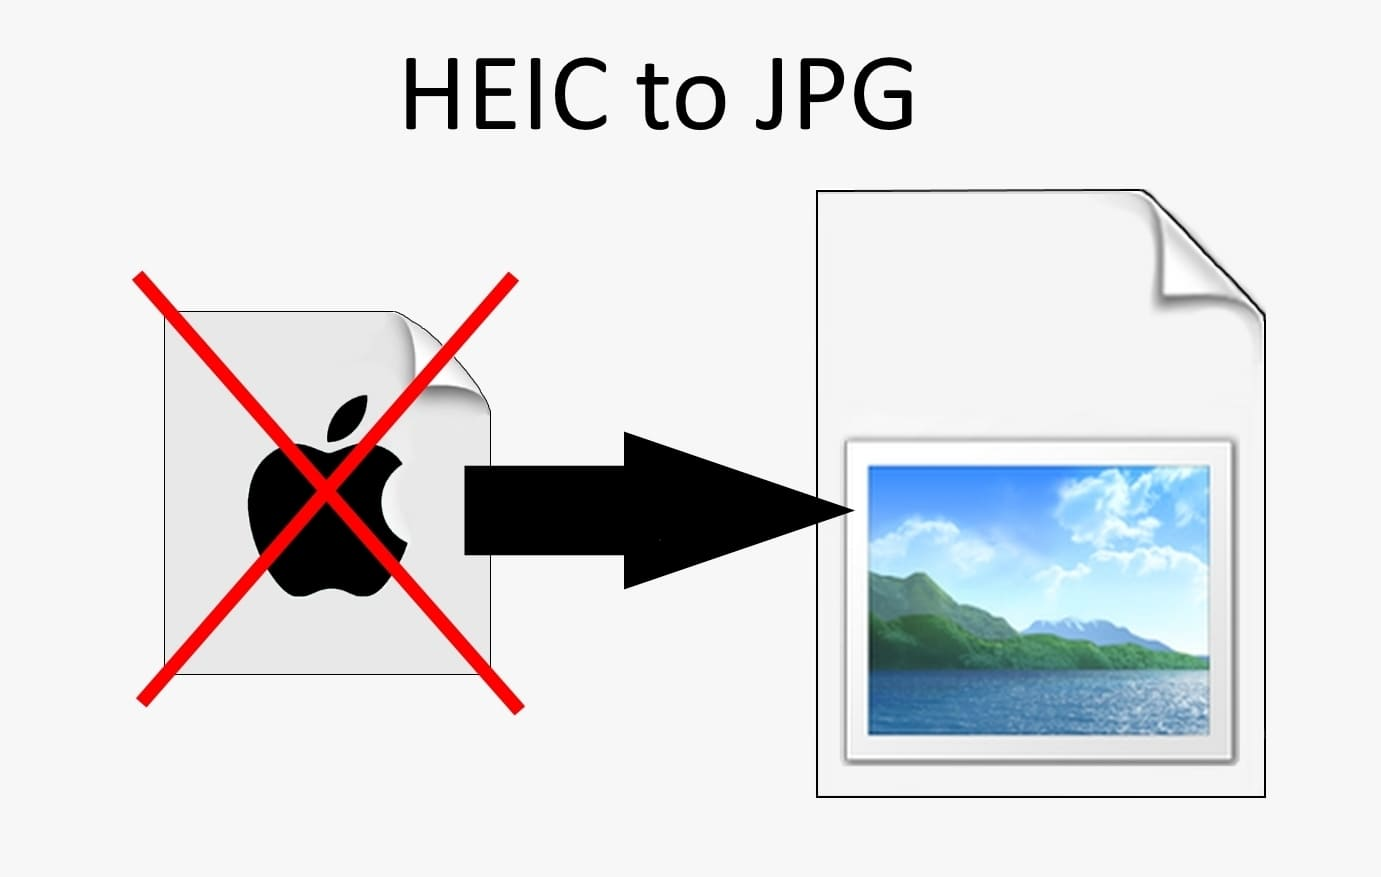 Как отключить HEIC формат на iPhone/iPad?